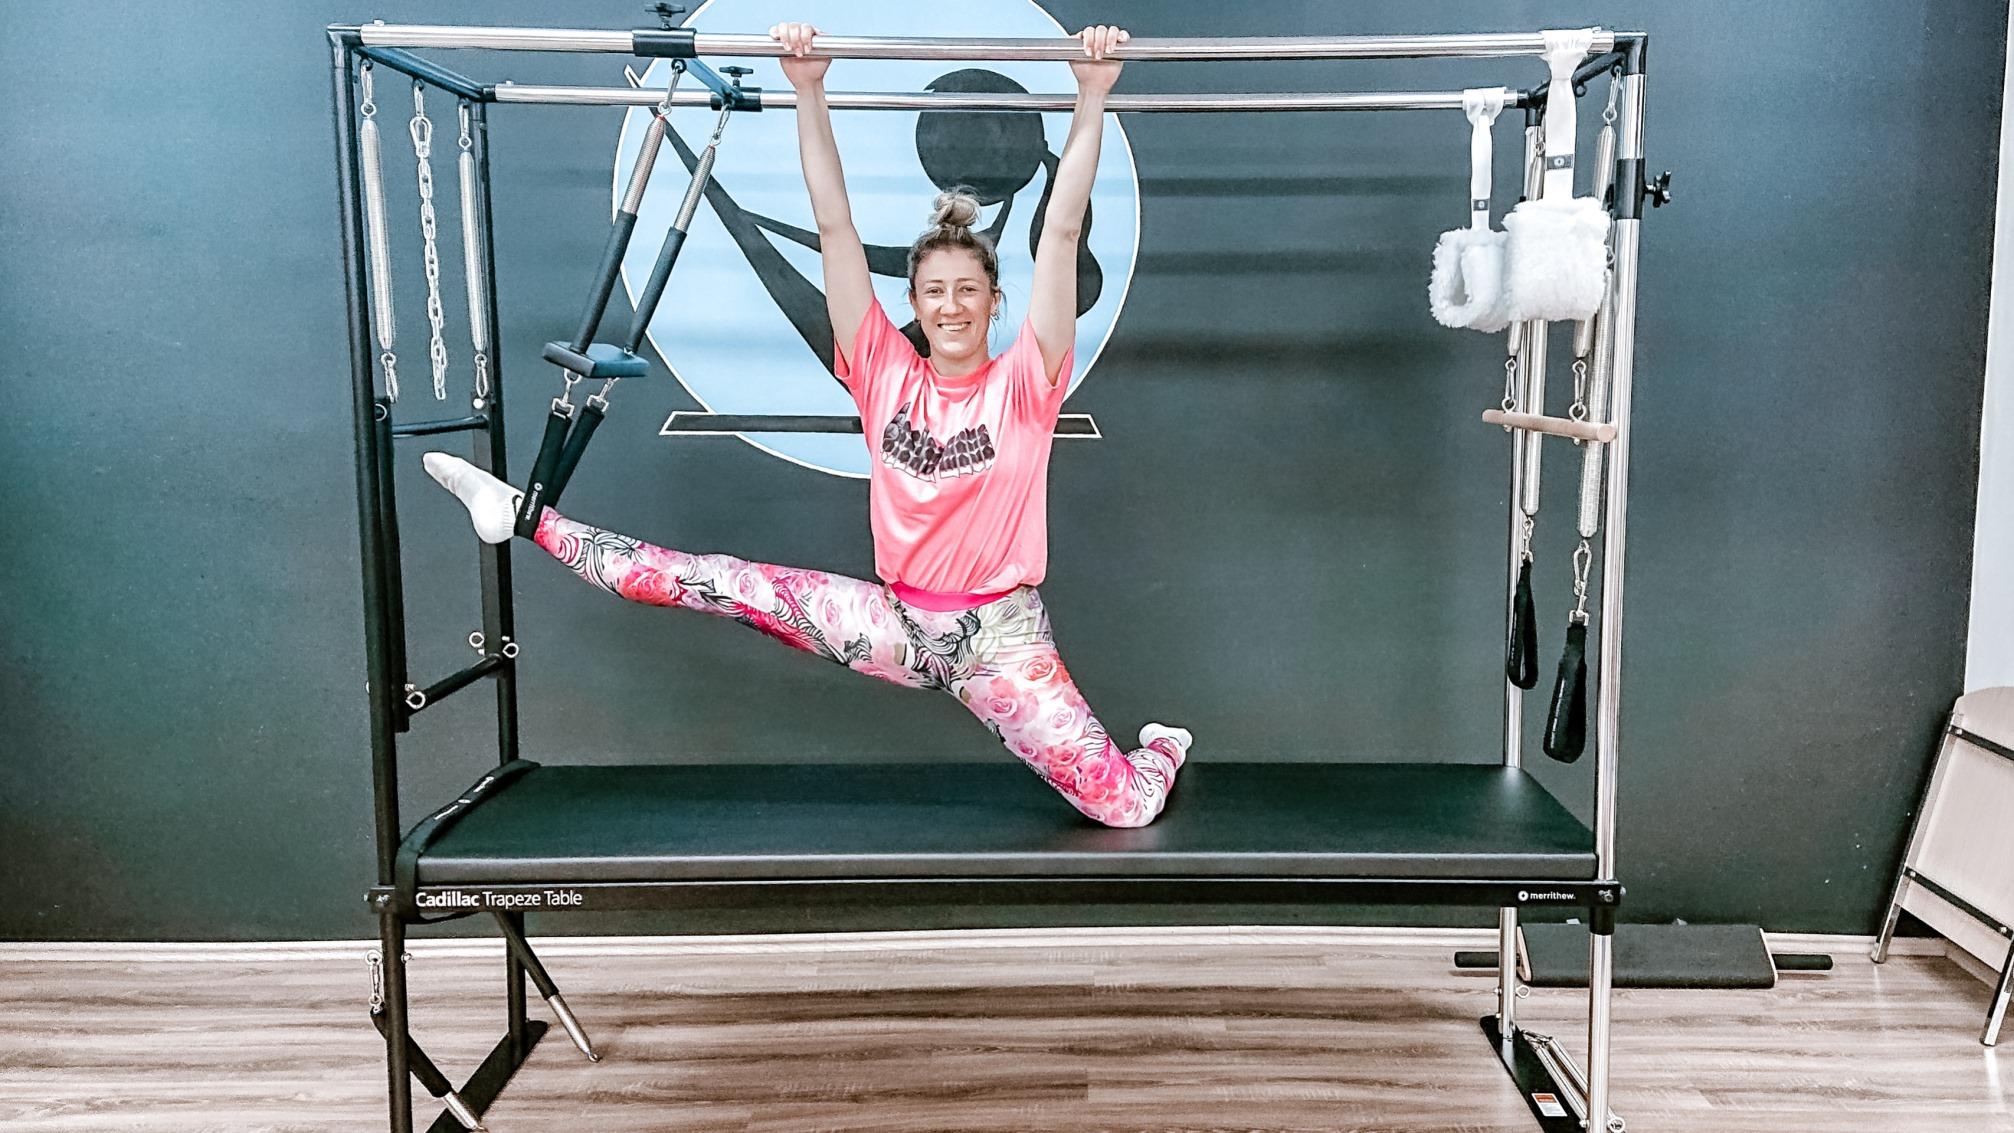 Jennifer Glumac vam predstavlja ljeto na pilates spravama uz riječku profesionalnu plesačicu